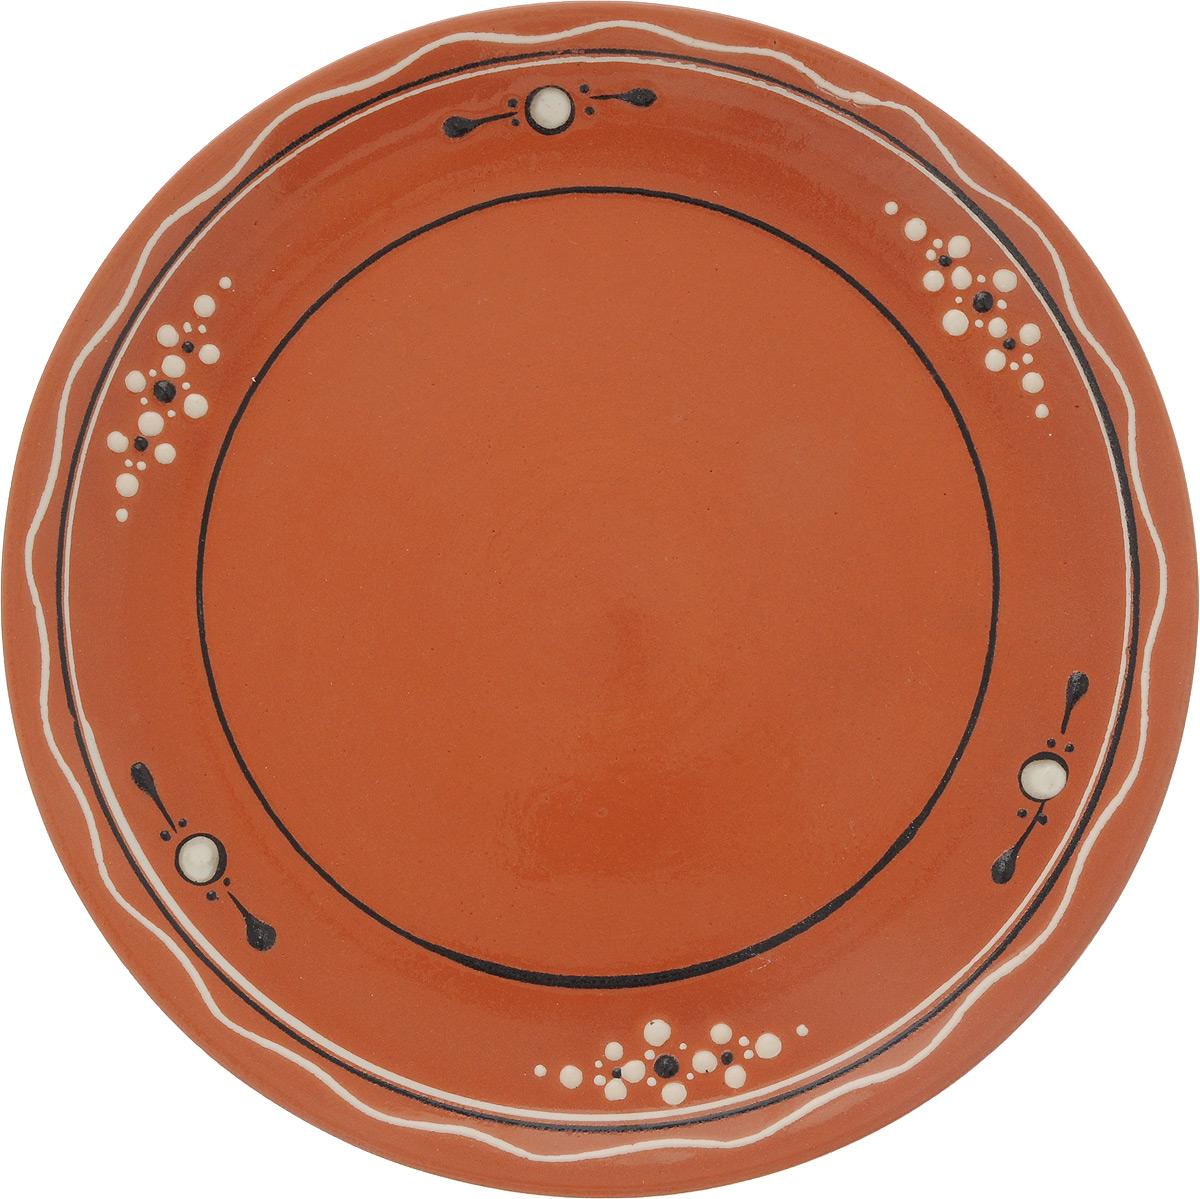 Тарелка для второго Ломоносовская керамика Оятская, диаметр 24 см2ТДВ-24Тарелка для второго Ломоносовская керамика Оятская, изготовленная из глины, имеет изысканный внешний вид. Оригинальный дизайн тарелки украшен эксклюзивным орнаментом, который придется по вкусу и ценителям классики, и тем, кто предпочитает современный стиль. Диаметр тарелки: 24 см. Высота: 2,5 см.